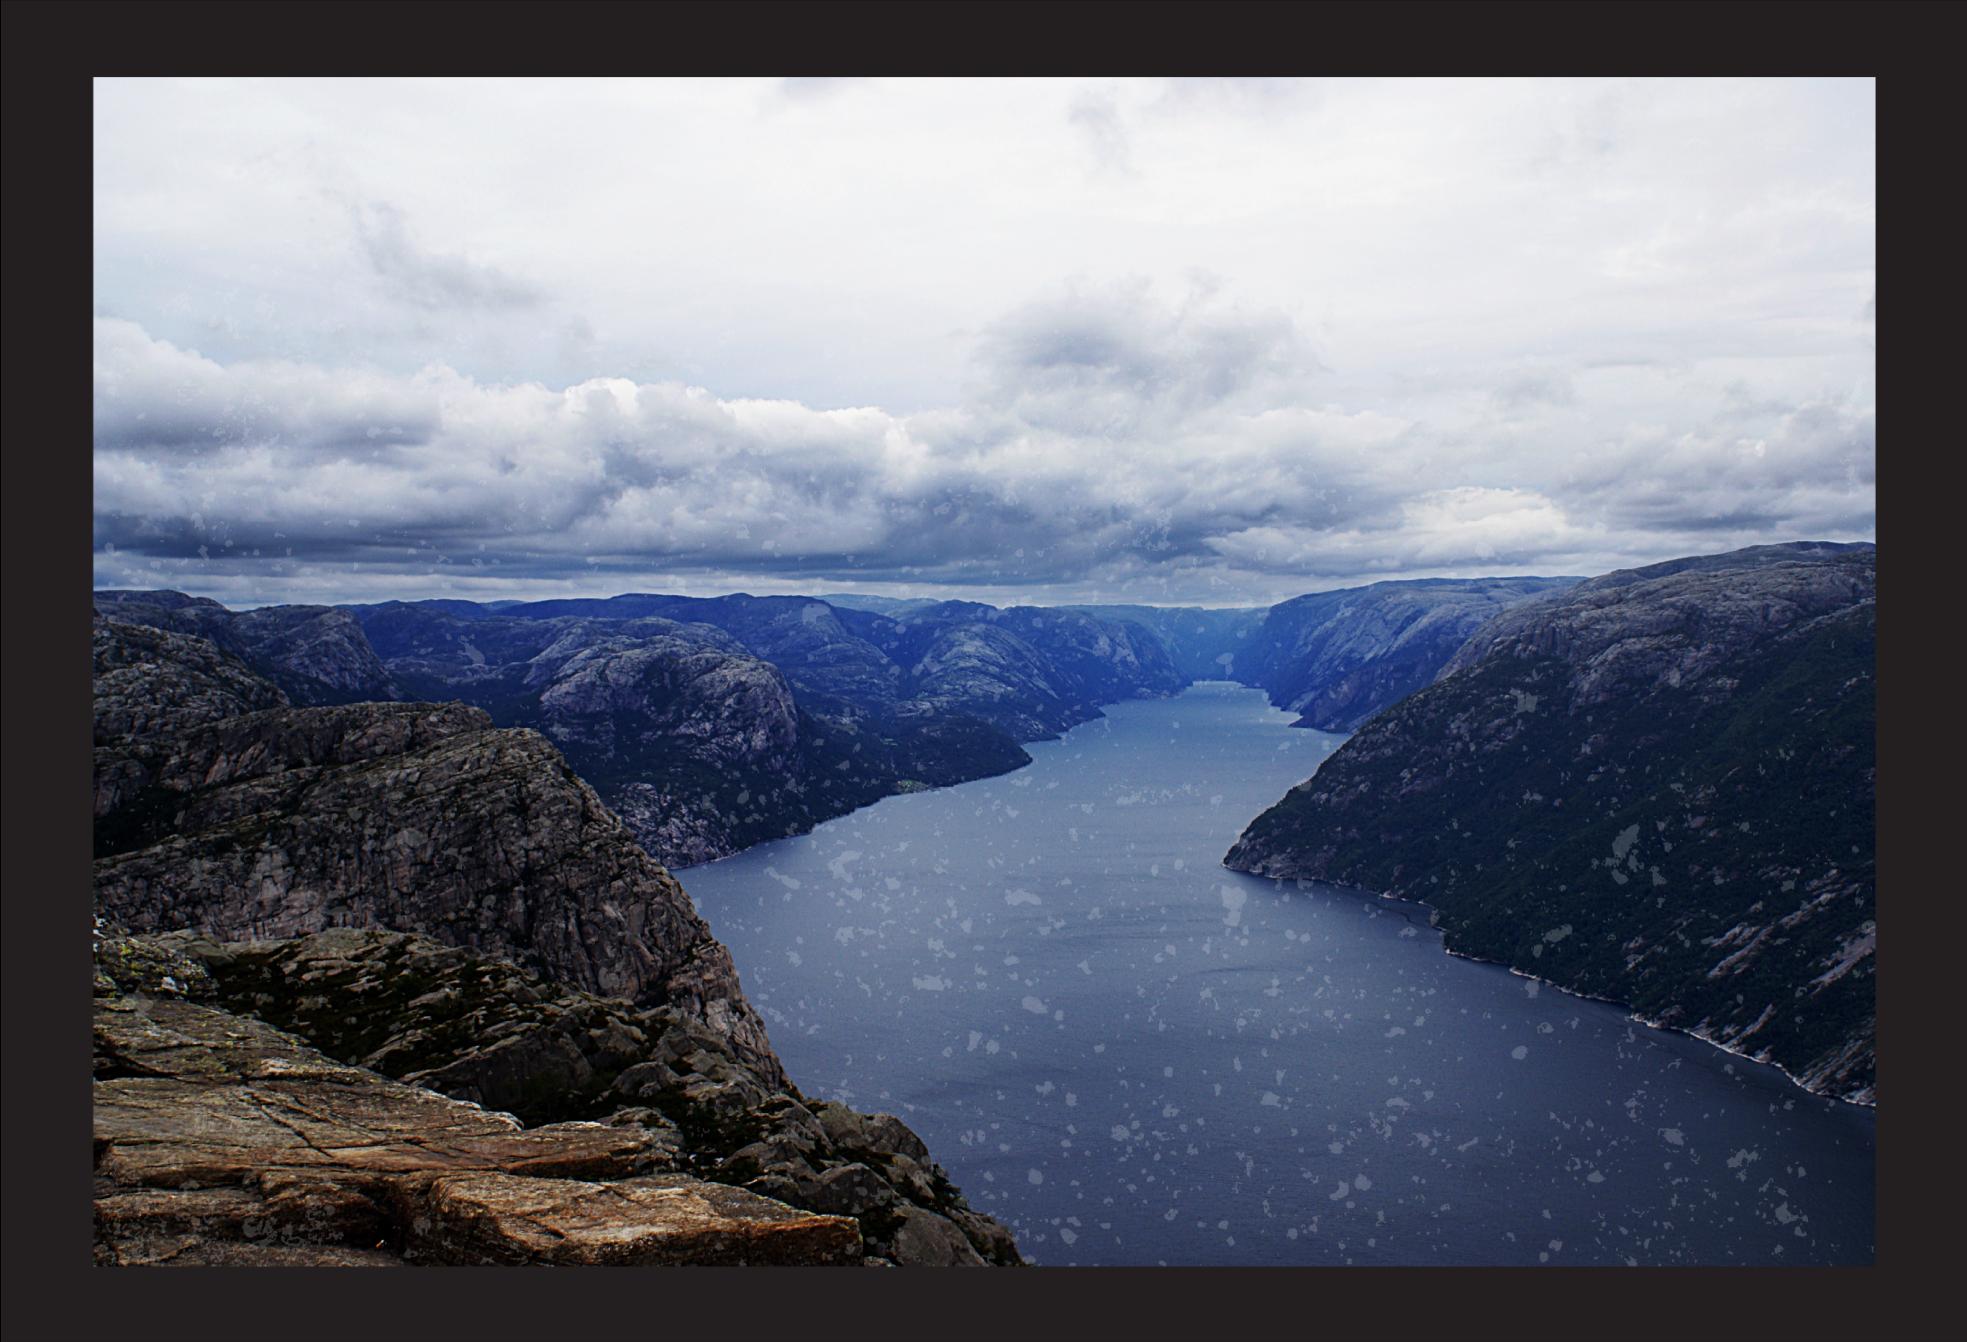 TenVinilo. Alfombra vinilo rectangular lago fiordo Noruega. Eche un vistazo a esta increíble alfombra vinilo rectangular con vista de diseño del fiordo de Noruega con un paisaje de lago azul ¡Envío exprés!